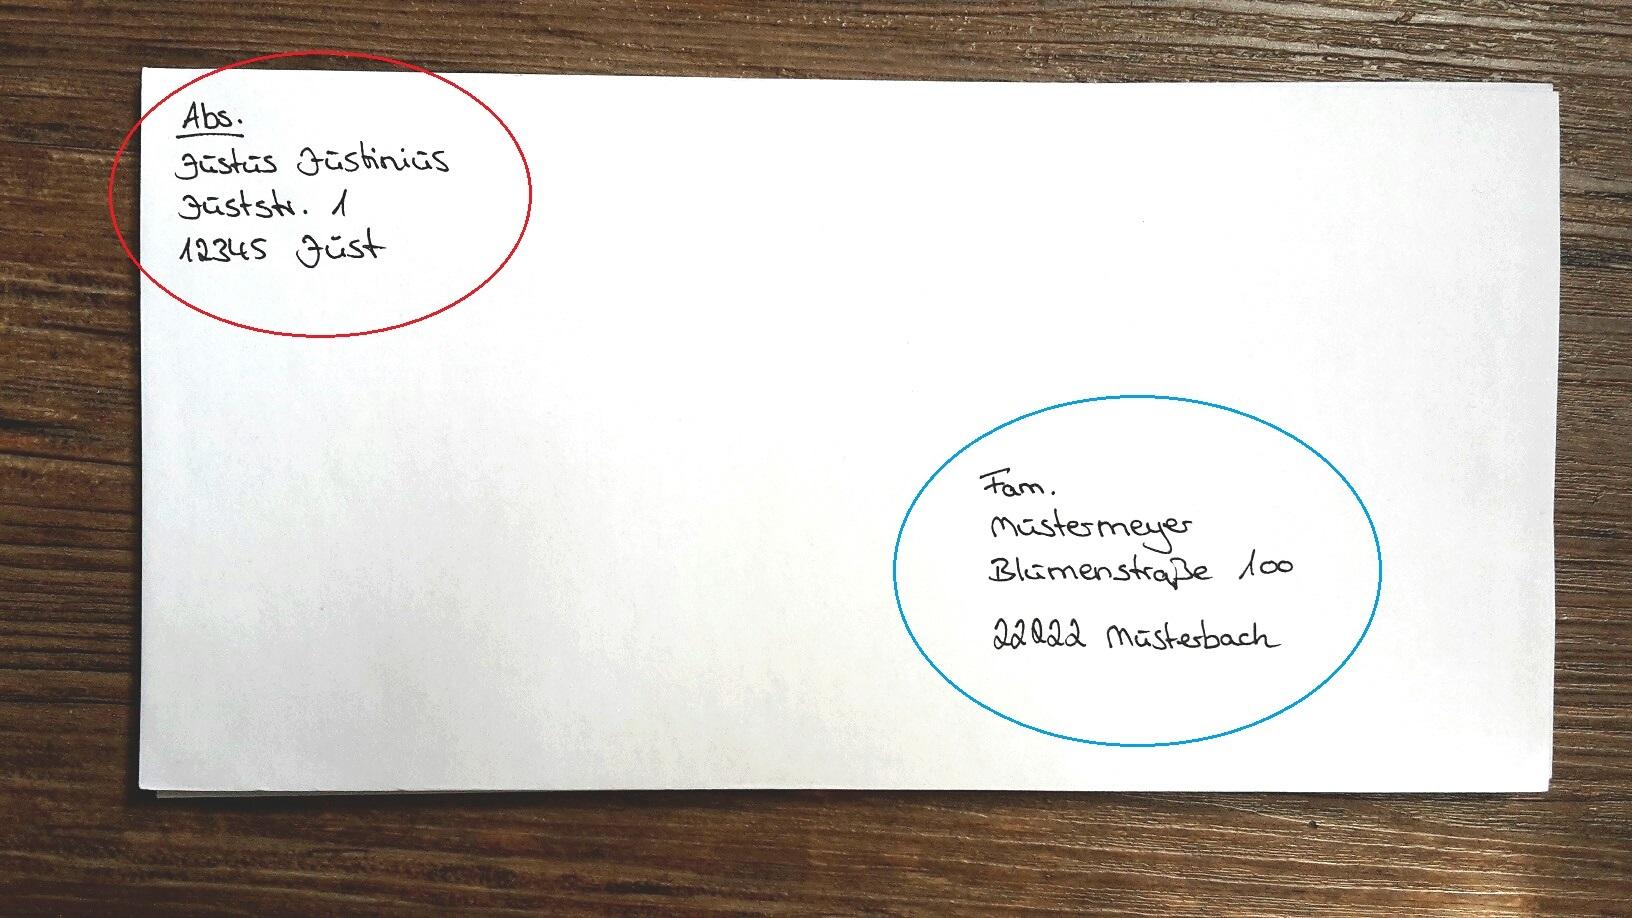 Briefe Beschriften A5 : Briefe und pakete richtig beschriften für deutschland